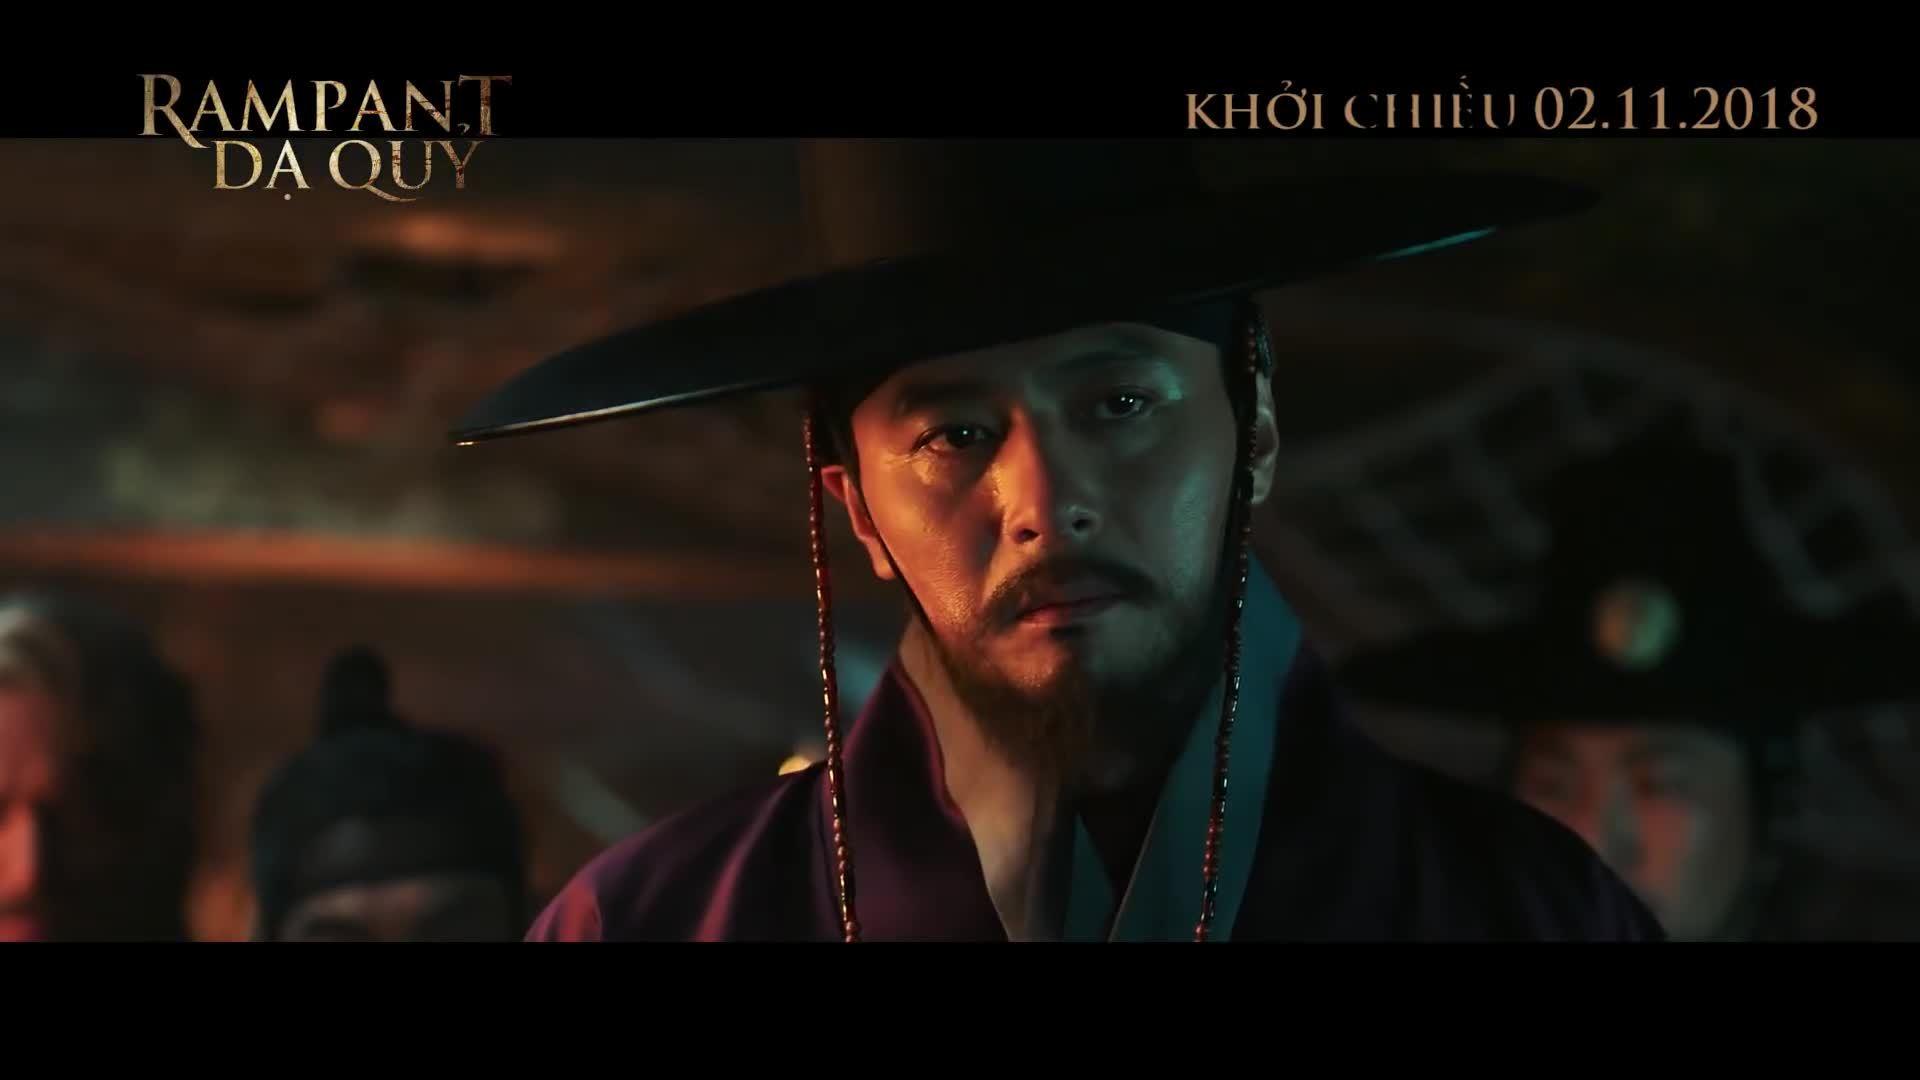 Top 5 phim điện ảnh Hàn Quốc gây chú ý nhất trong năm 2018 vì chi phí đắt đỏ